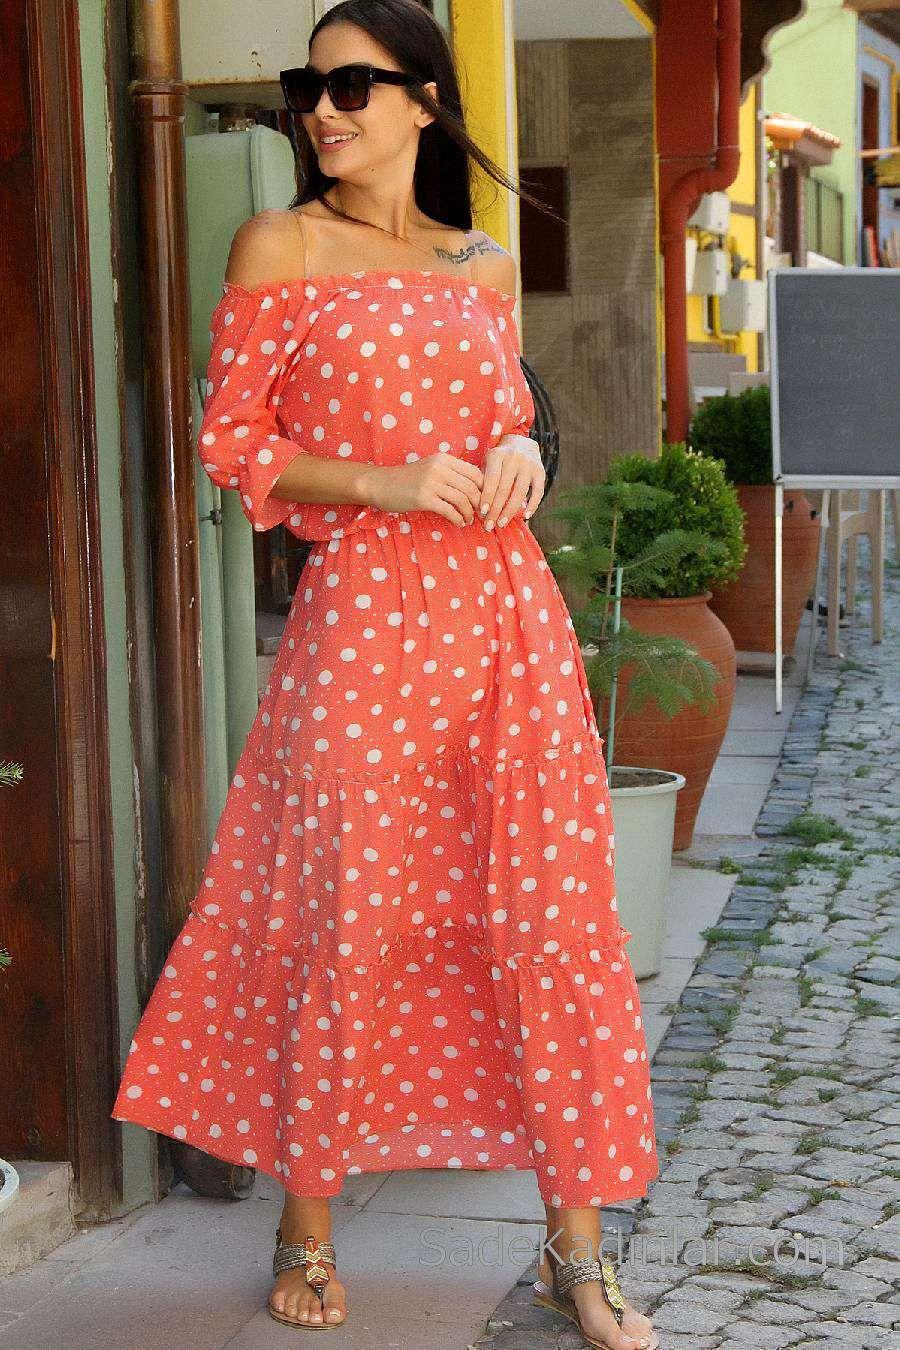 2020 Gunluk Elbise Modelleri Turuncu Uzun Omzu Acik Puantiyeli Elbise Modelleri Elbise Puantiyeli Elbise